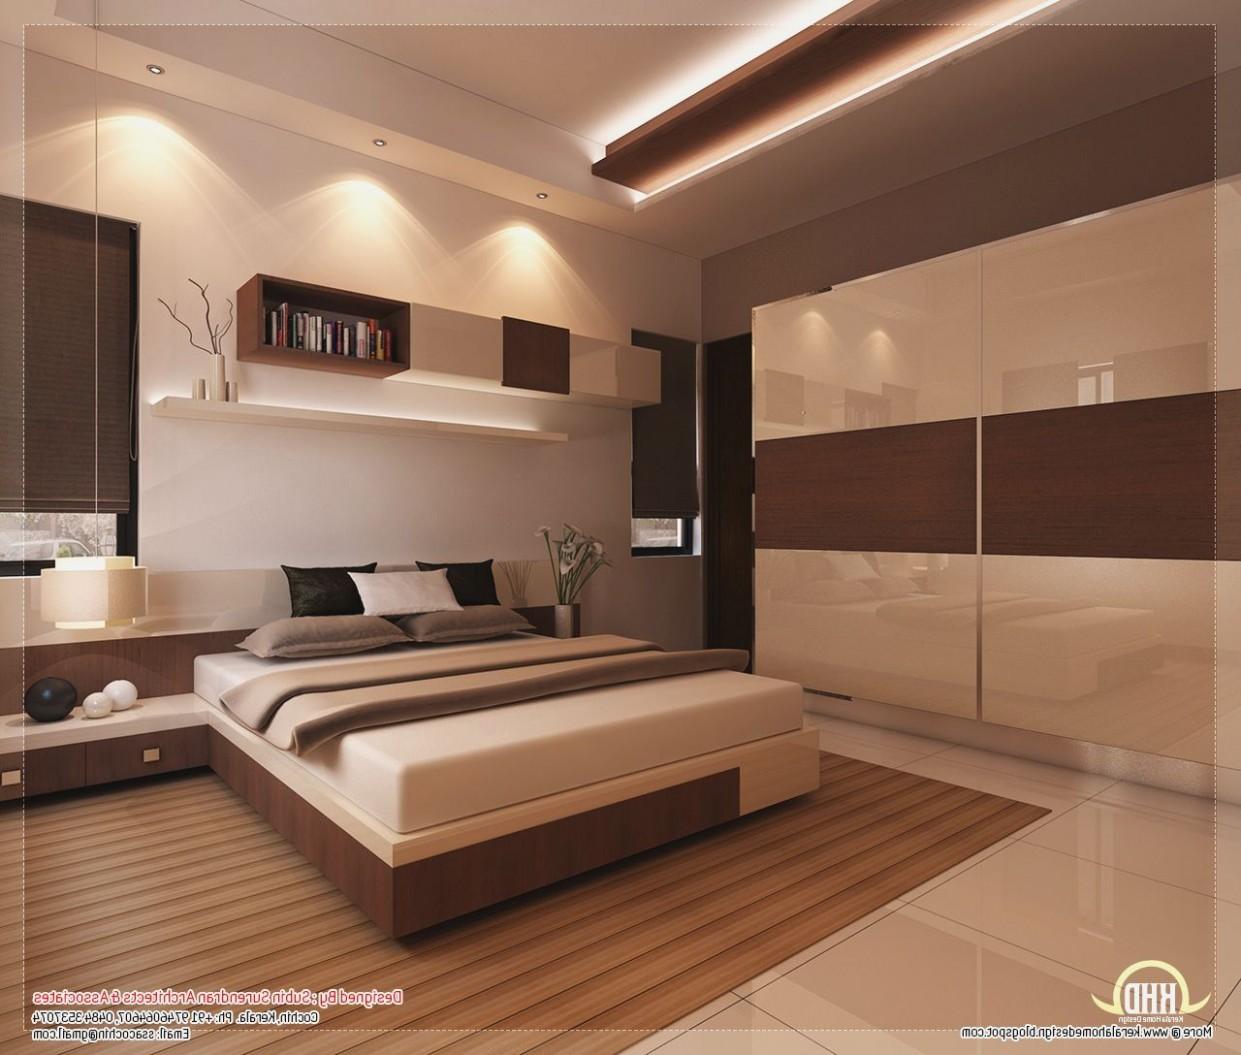 Bedroom Designs India Low Cost - Gr10ee  Luxury bedroom design  - Bedroom Ideas India